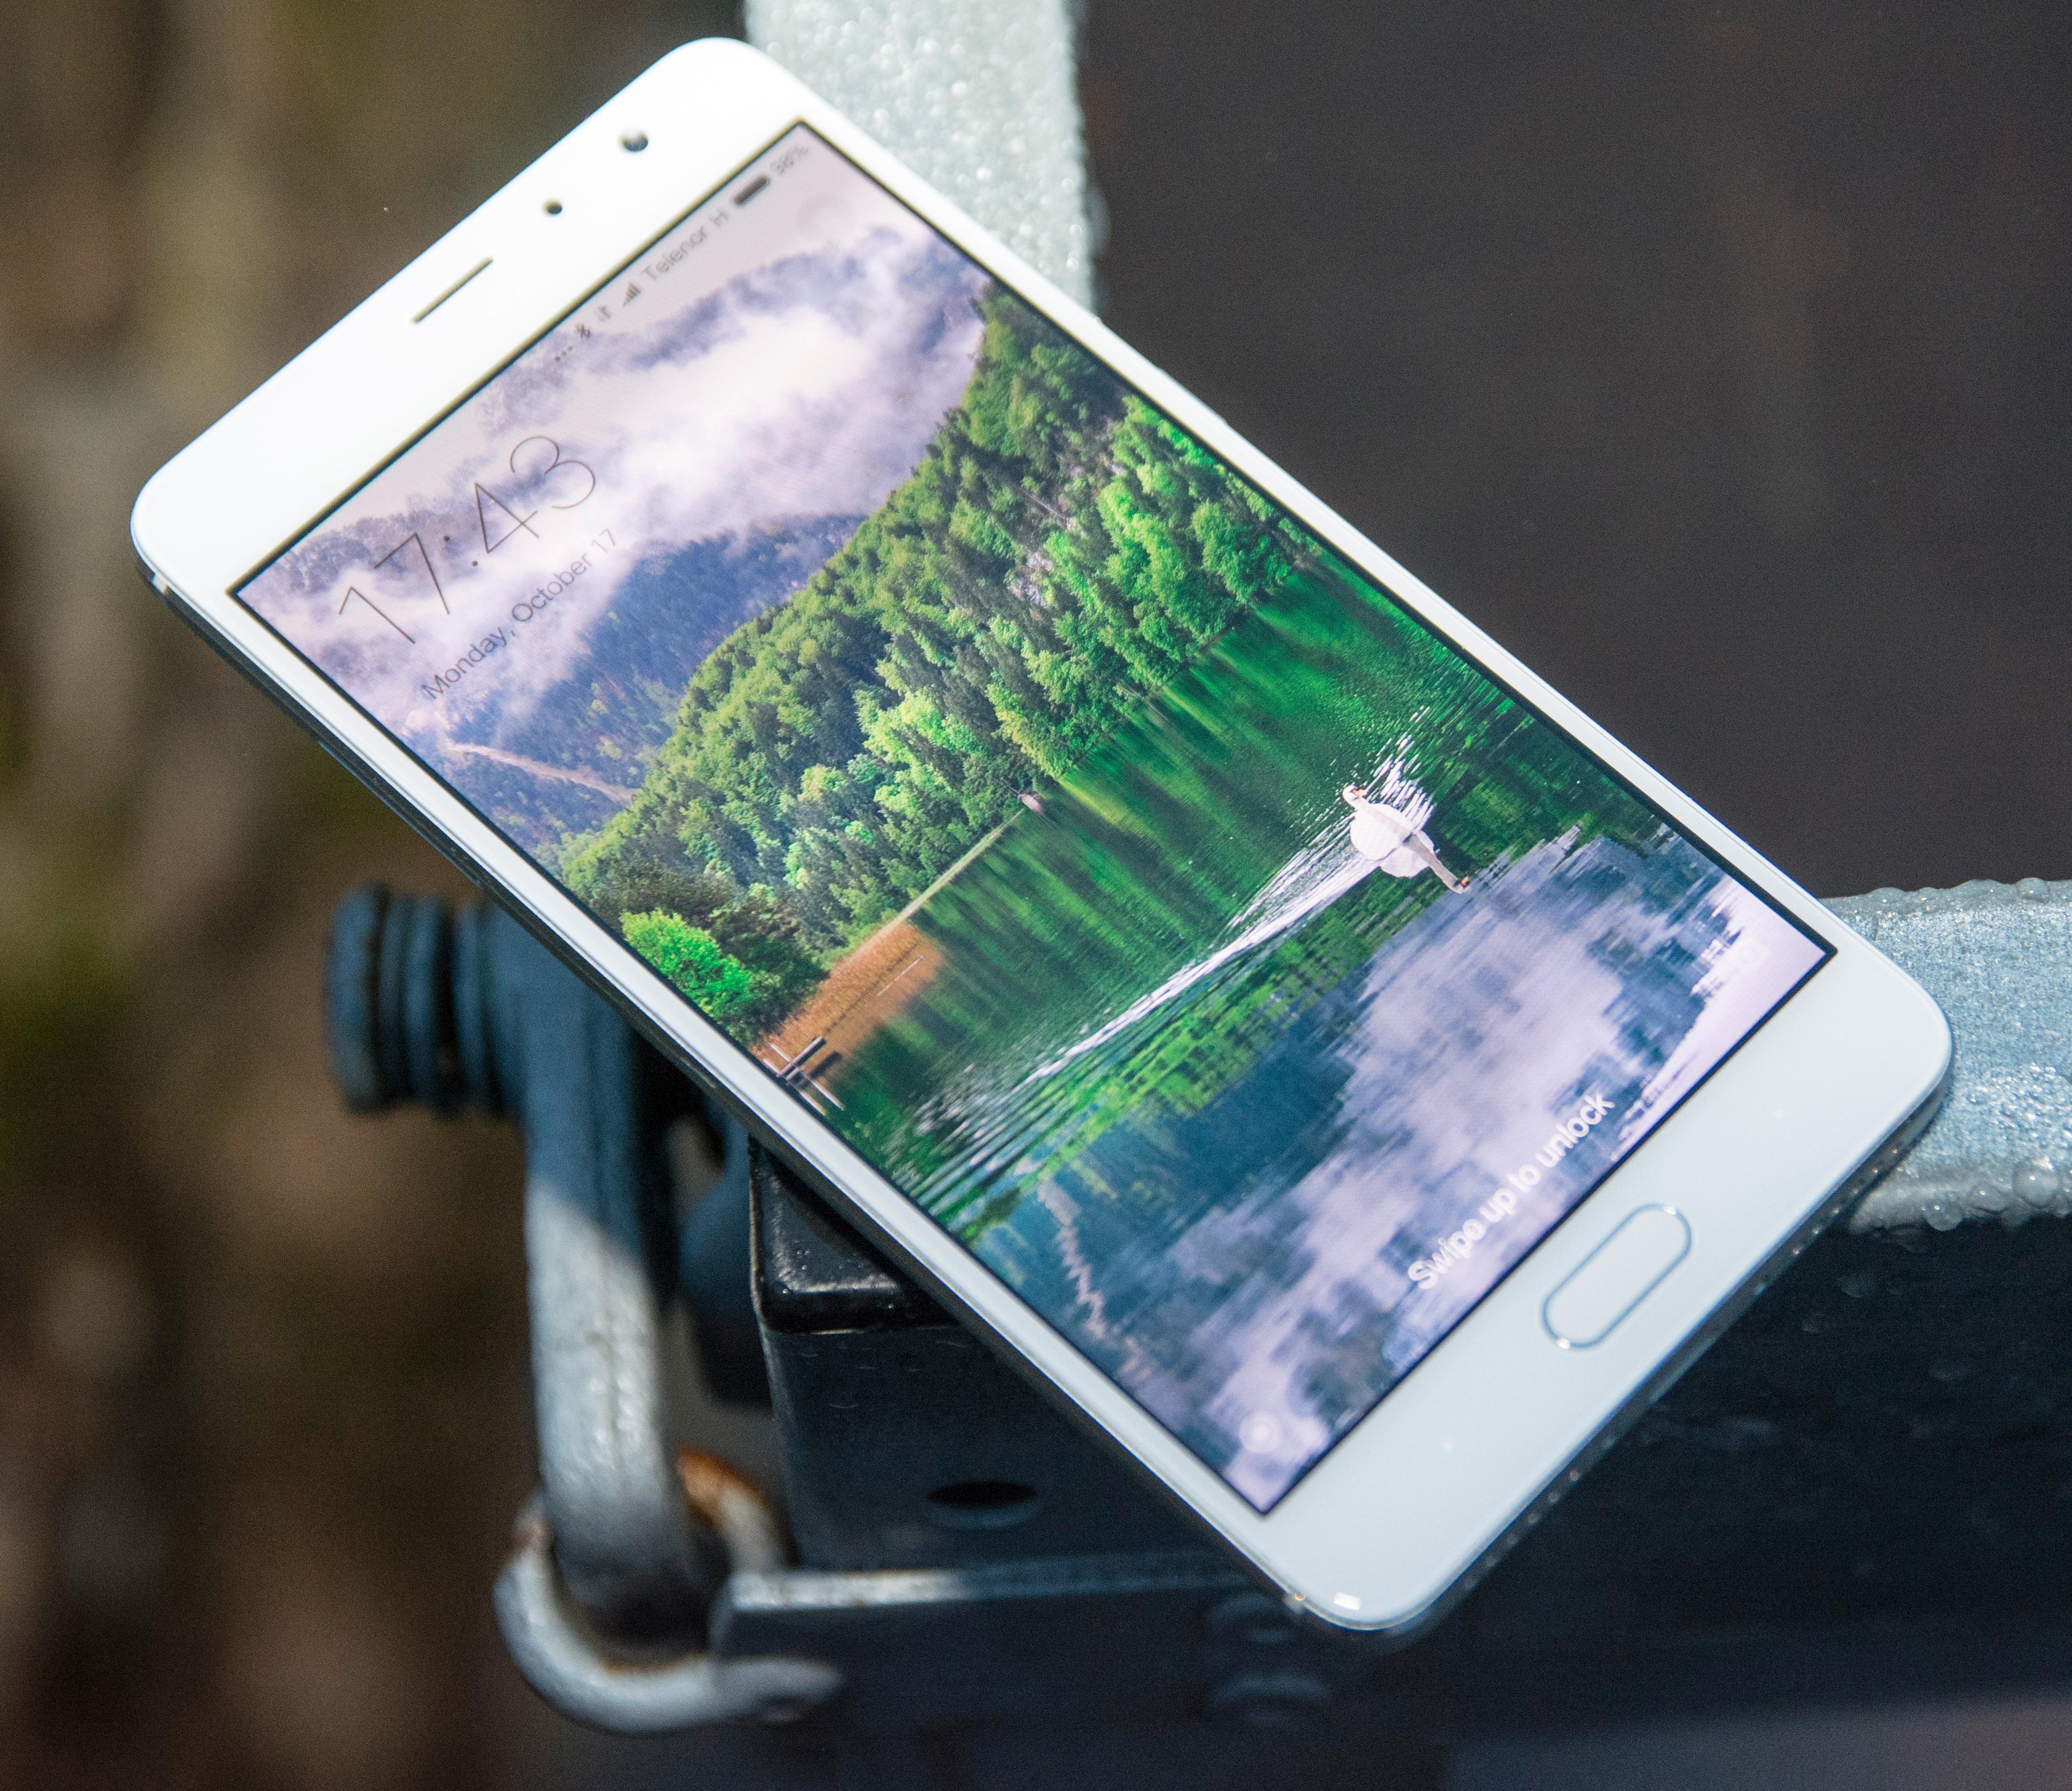 God skjerm og pen design er ingen selvfølge i en telefon som i utgangspunktet ligger på 2000 kroner. Ferdig importert til Norge vil den antakeligvi svinge opp forbi 3000 kroner, og da havner den i langt kvassere konkurranse.